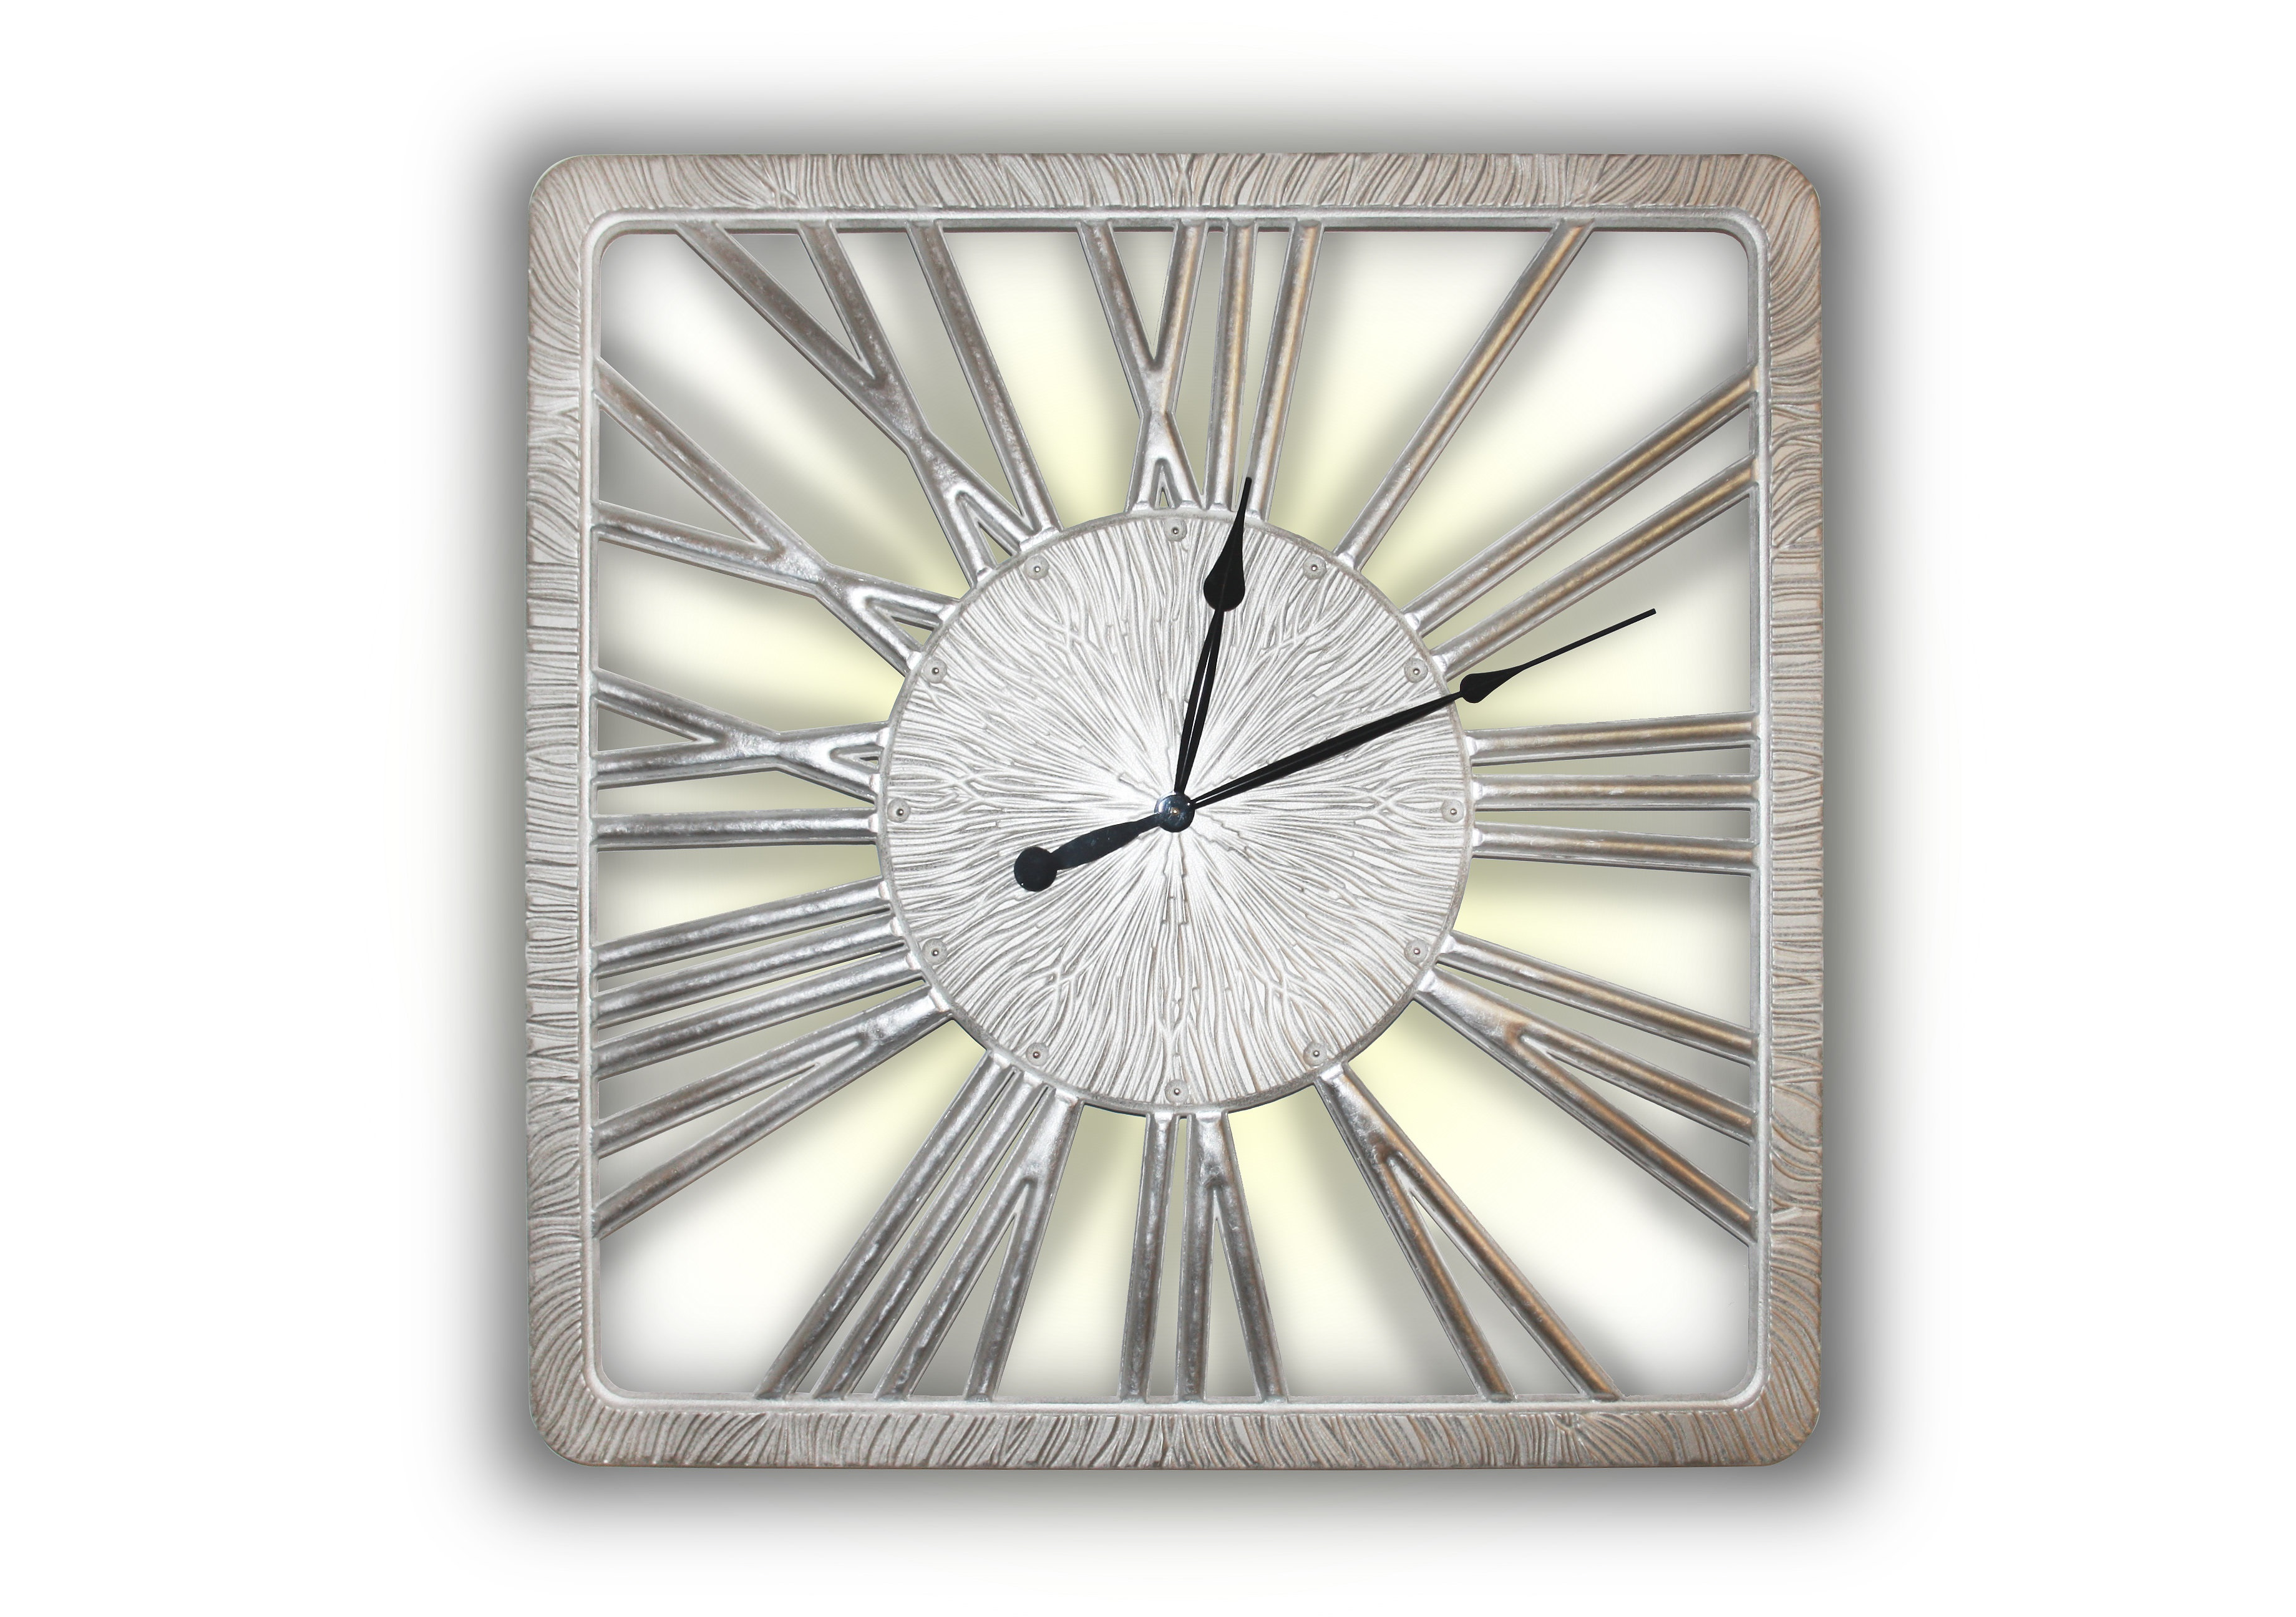 Часы TWINKLE NEWНастенные часы<br>Бег времени непрерывен. Можно ли ощутить, как одна минута переходит в другую? <br>Можно ли предсказать, что открывают нам движущиеся по кругу стрелки часов? <br>Светящиеся прорезные силуэты цифр помогают понять, что лучшее еще впереди. <br>Данный вариант представлен в цвете матовое серебро с покрытыми поталью цифрами.&amp;lt;div&amp;gt;&amp;lt;br&amp;gt;&amp;lt;/div&amp;gt;&amp;lt;div&amp;gt;Механизм: Кварцевый.&amp;lt;br&amp;gt;&amp;lt;/div&amp;gt;&amp;lt;div&amp;gt;&amp;lt;p class=&amp;quot;MsoNormal&amp;quot;&amp;gt;Товарное предложение оснащено светодиодной подсветкой.&amp;lt;o:p&amp;gt;&amp;lt;/o:p&amp;gt;&amp;lt;/p&amp;gt;&amp;lt;/div&amp;gt;<br><br>Material: Дерево<br>Ширина см: 90.0<br>Высота см: 90.0<br>Глубина см: 1.0